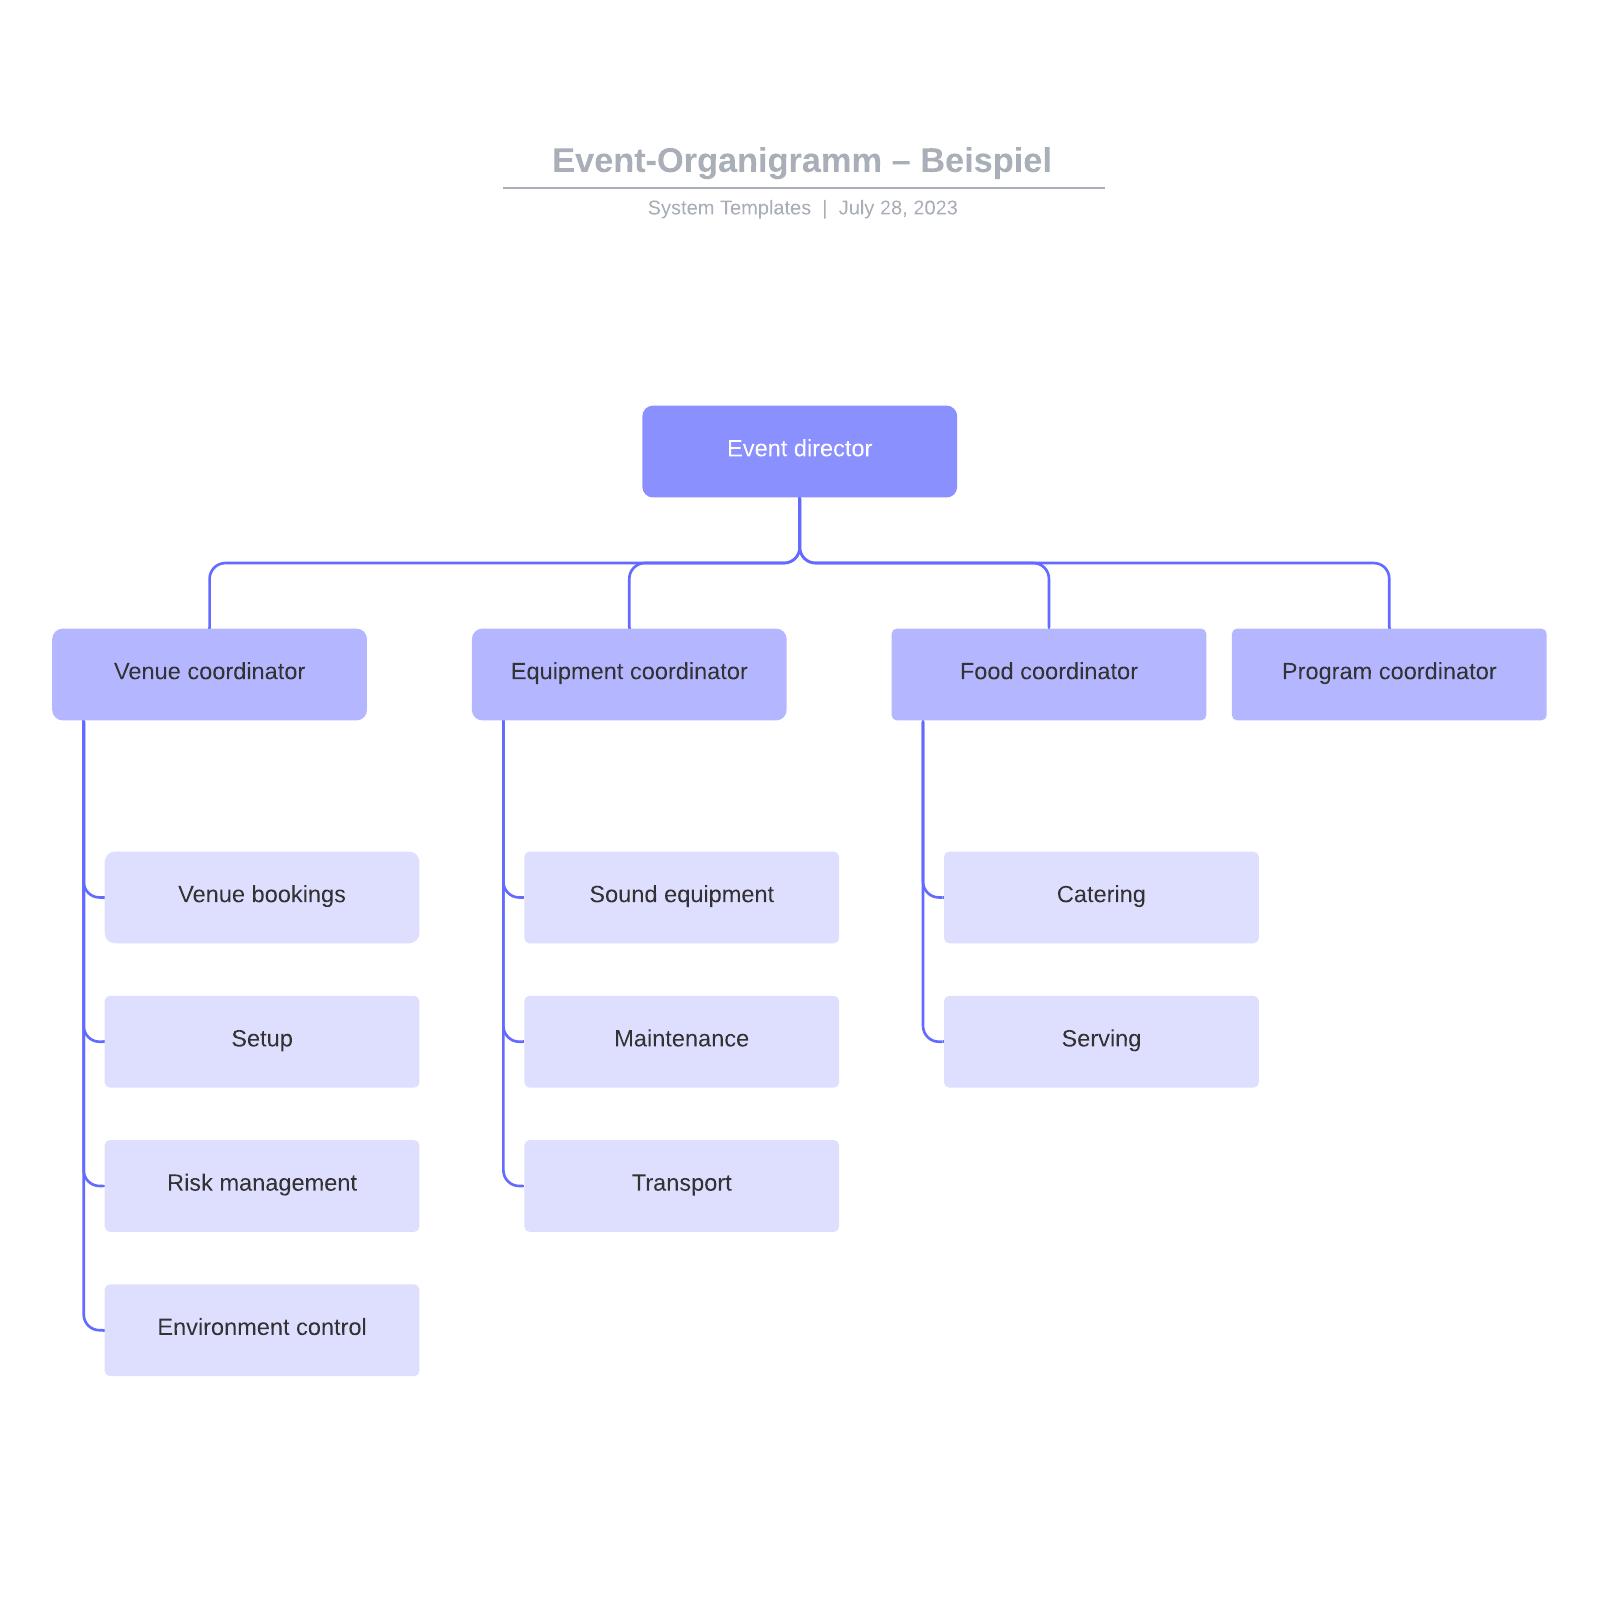 Event-Organigramm– Beispiel